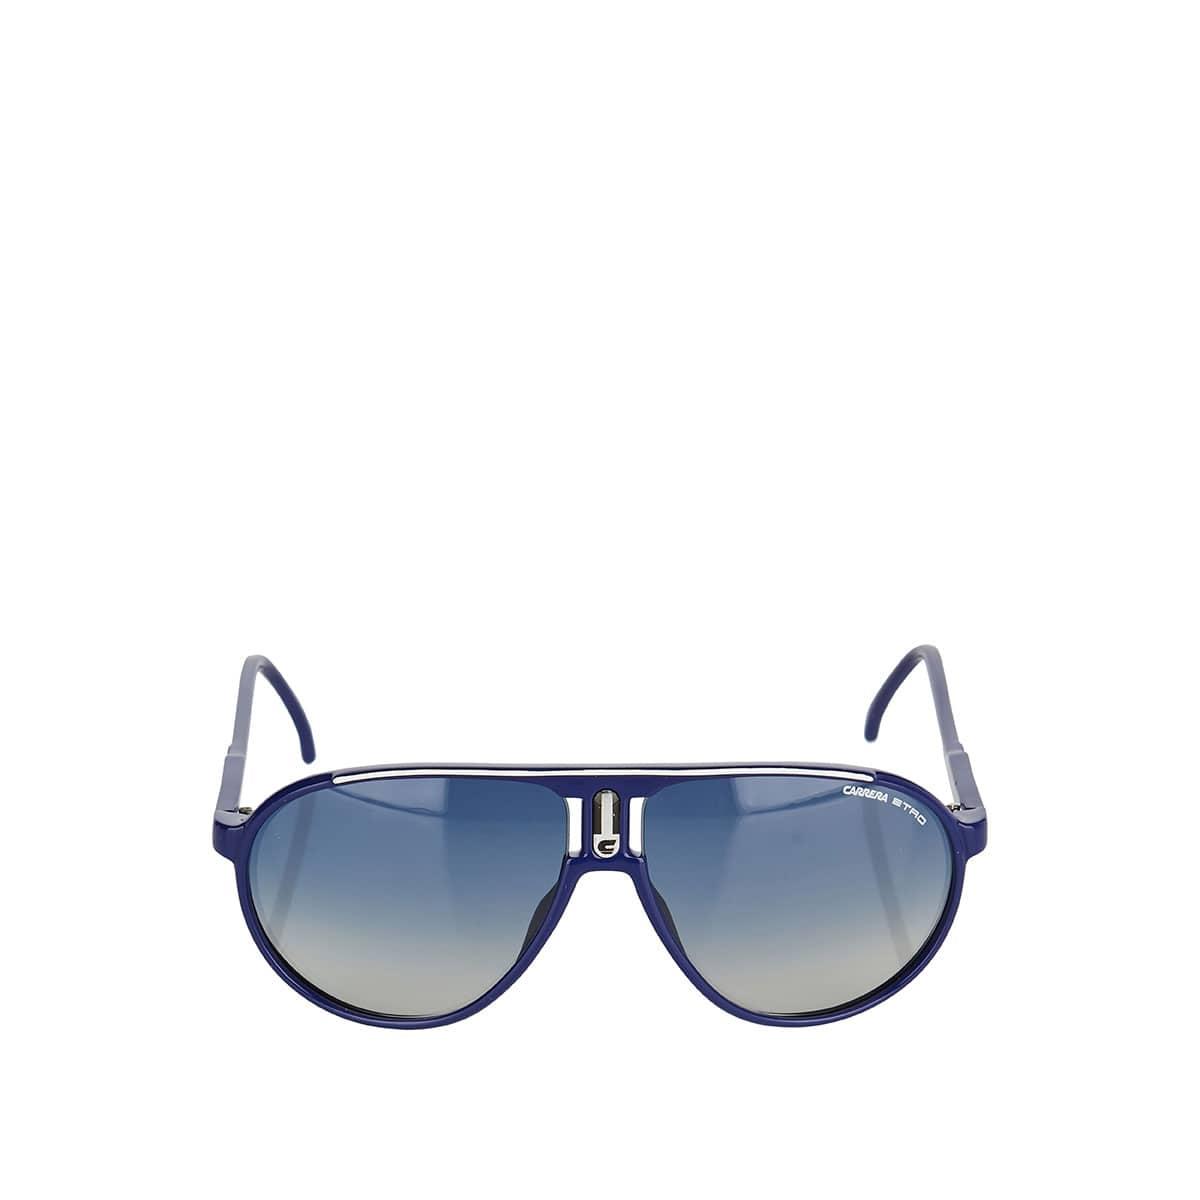 Etro X Carrera Champion sunglasses